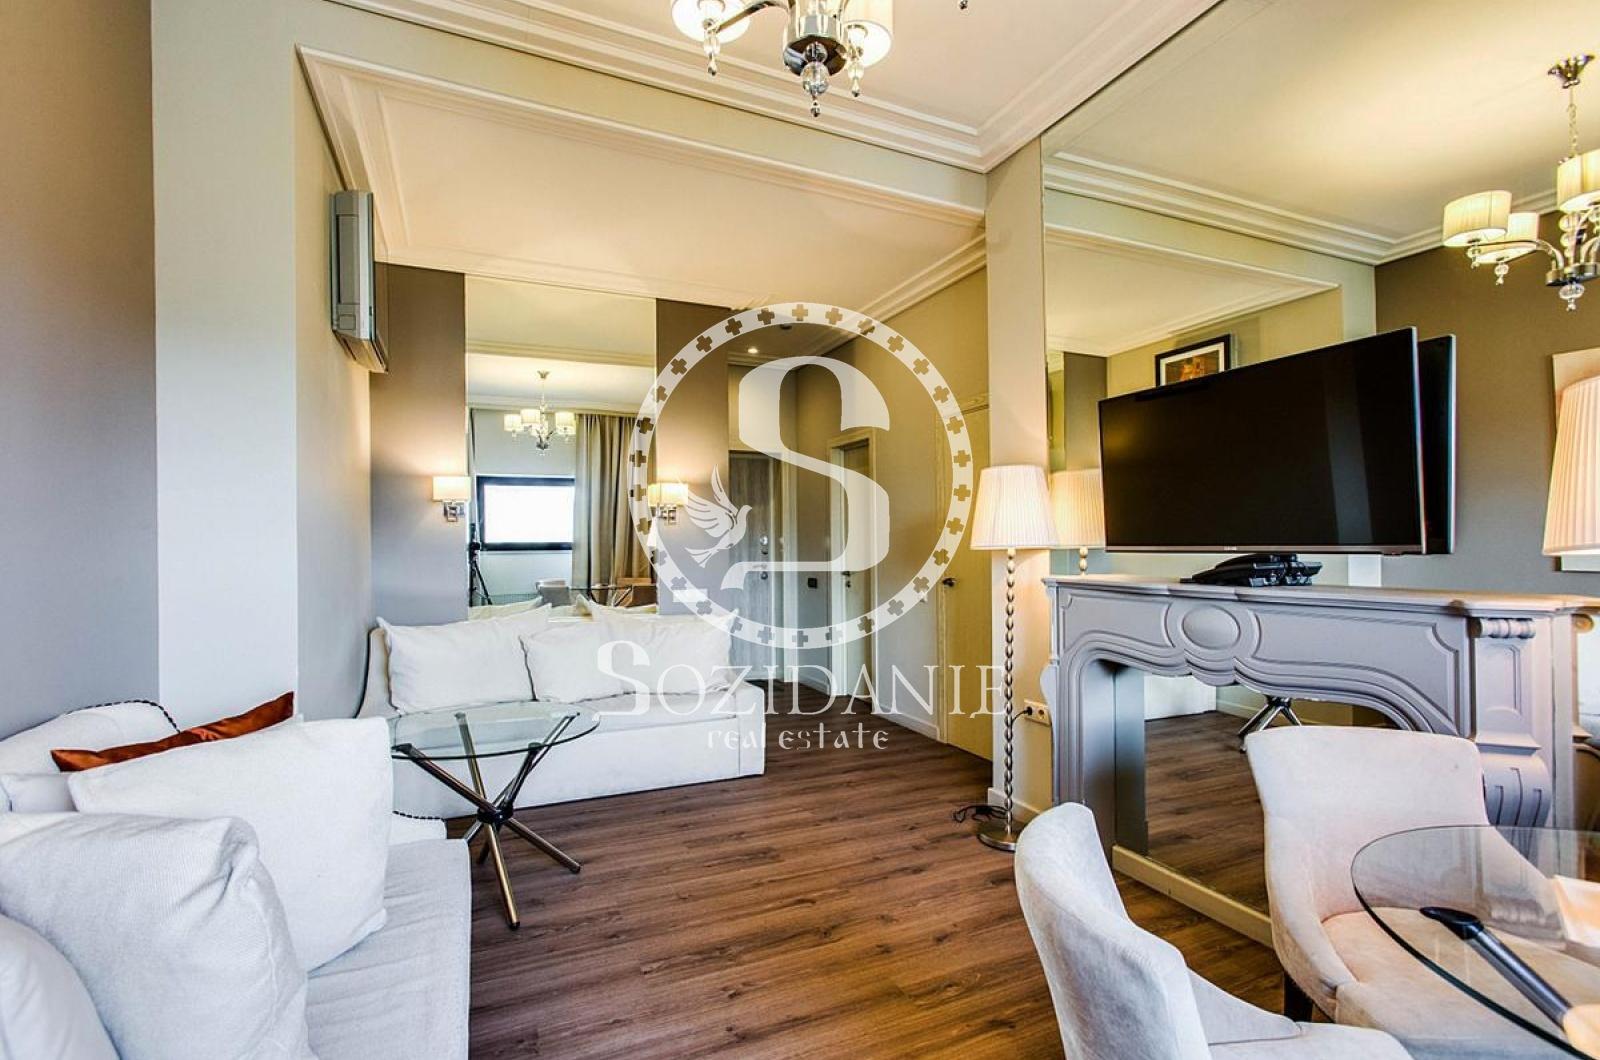 2 Комнаты, Городская, Продажа, Улица Большая Никитская, Listing ID 3461, Москва, Россия,